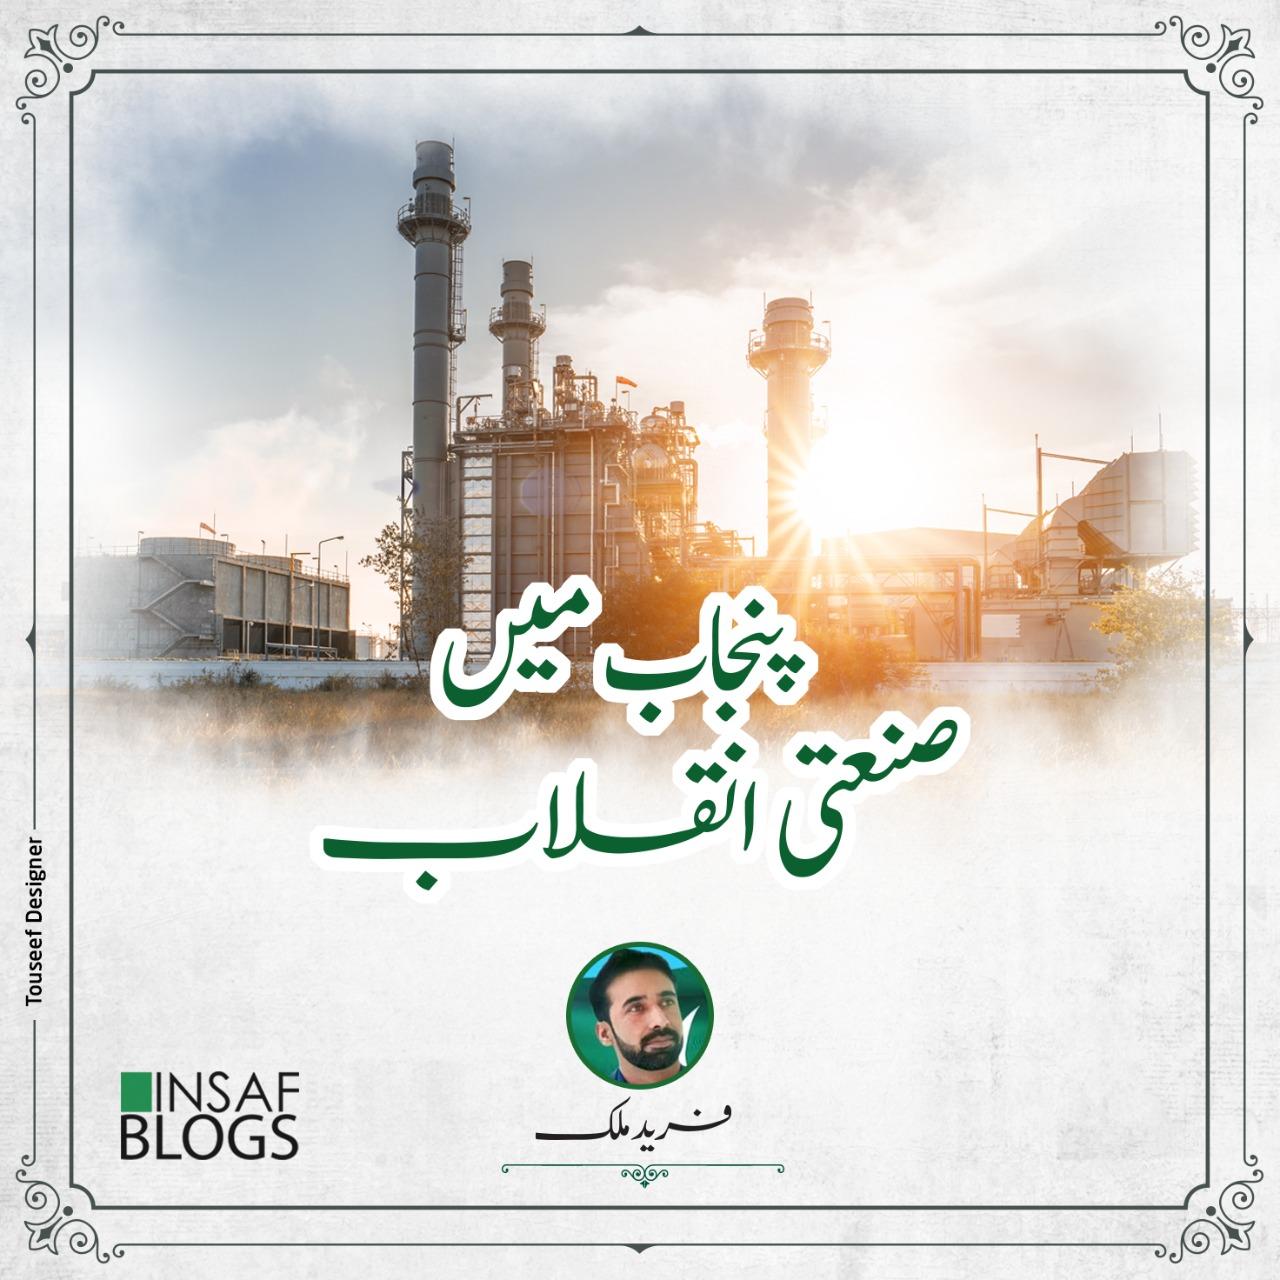 Industrial Revolution - Insaf Blog